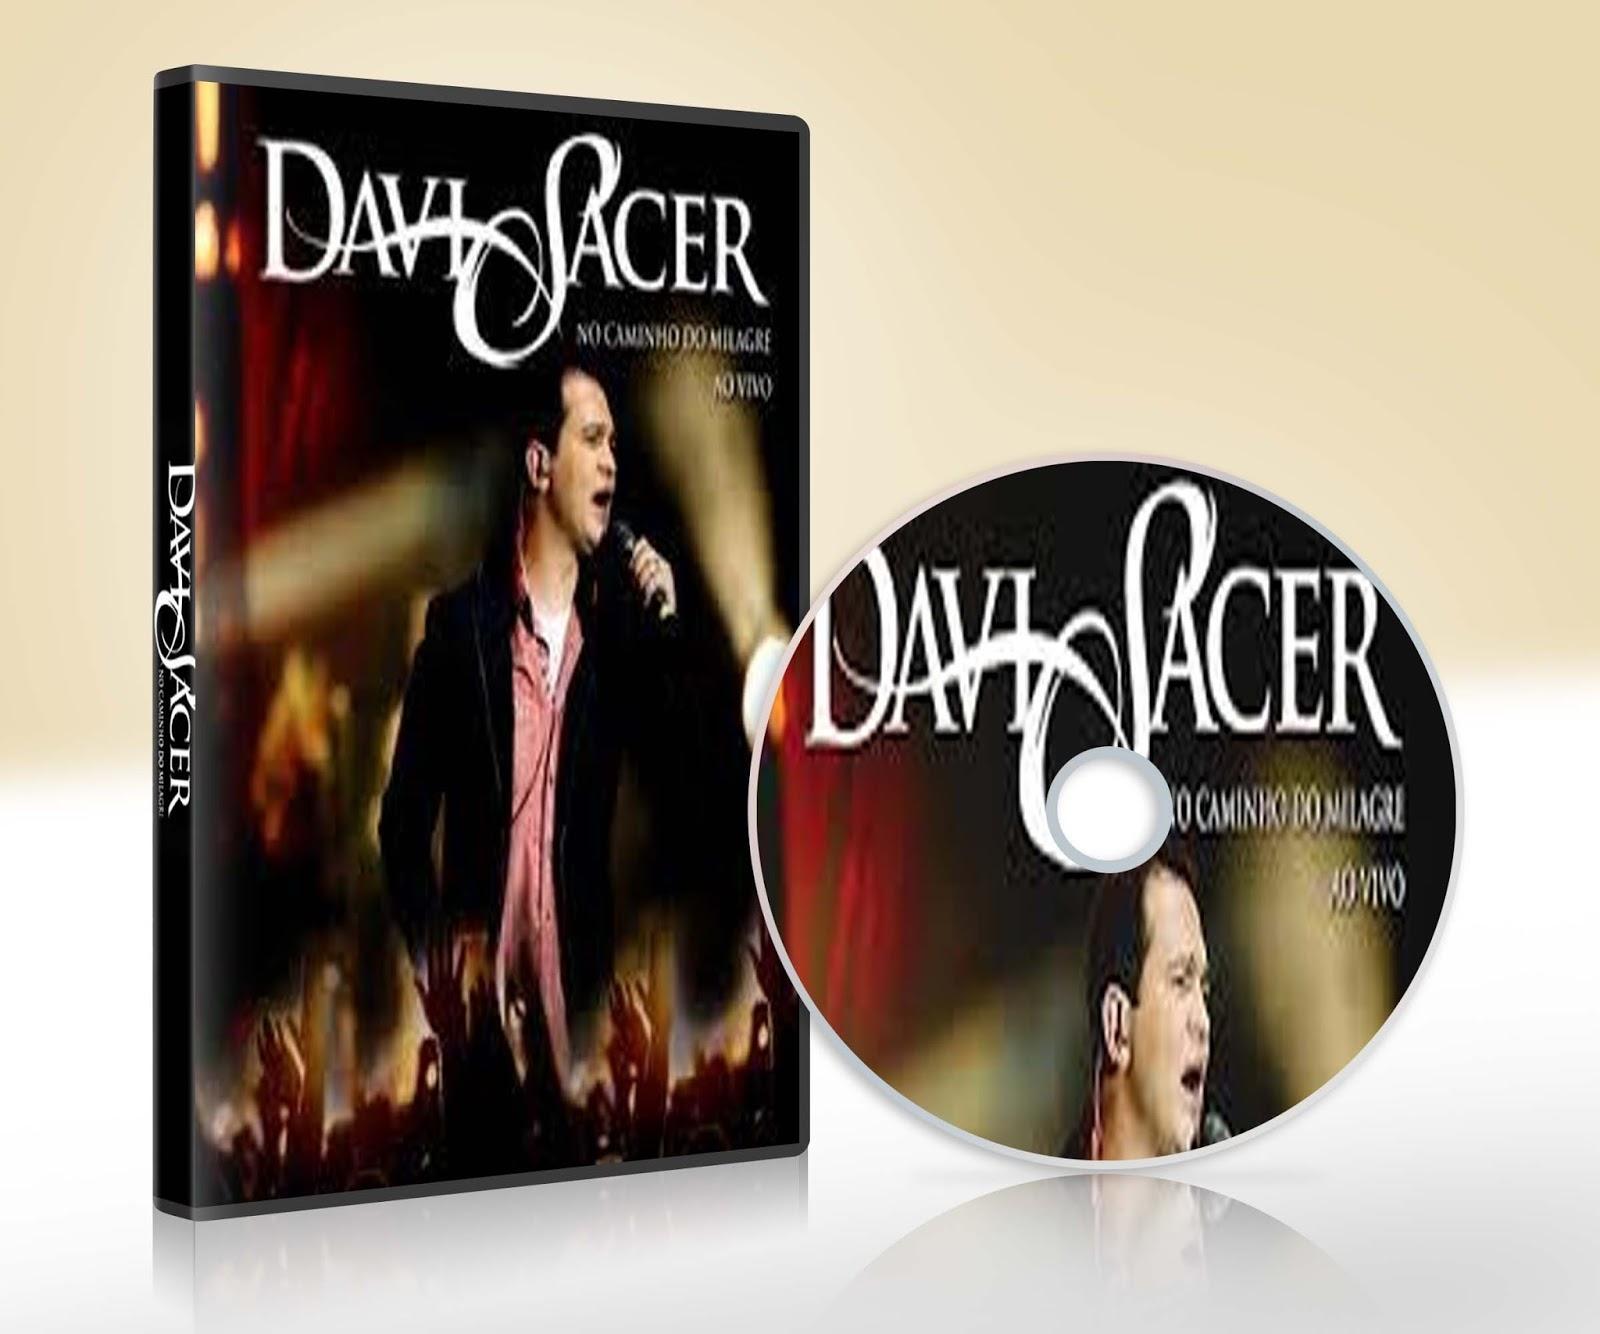 CONFIO BAIXAR CD EM COMPLETO TI DAVI SACER